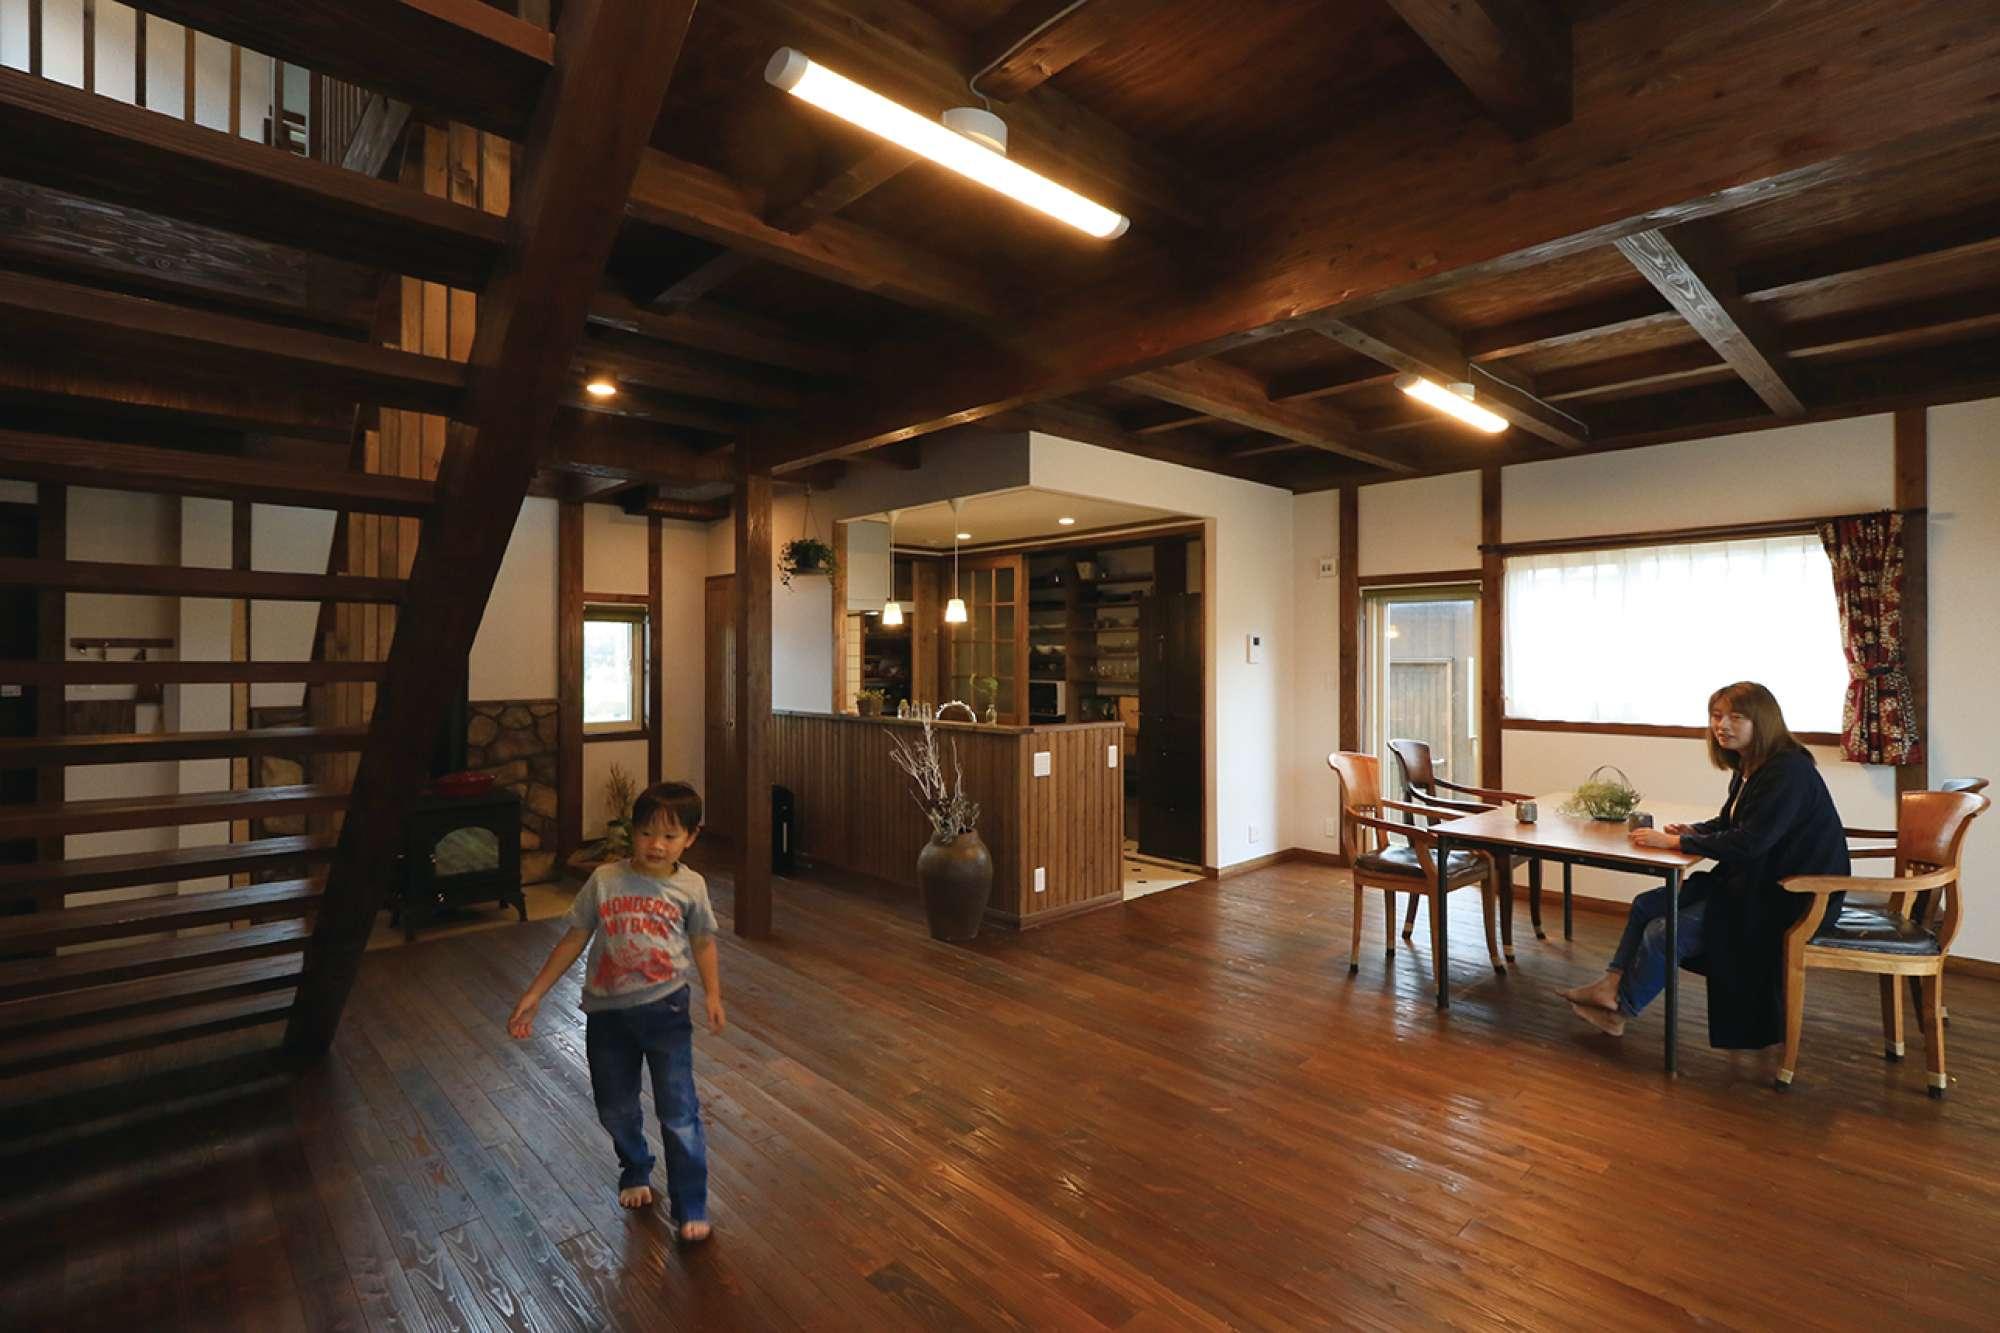 浮造りフローリングと表し天井、さらし階段。木質感あふれる室内 -  -  -